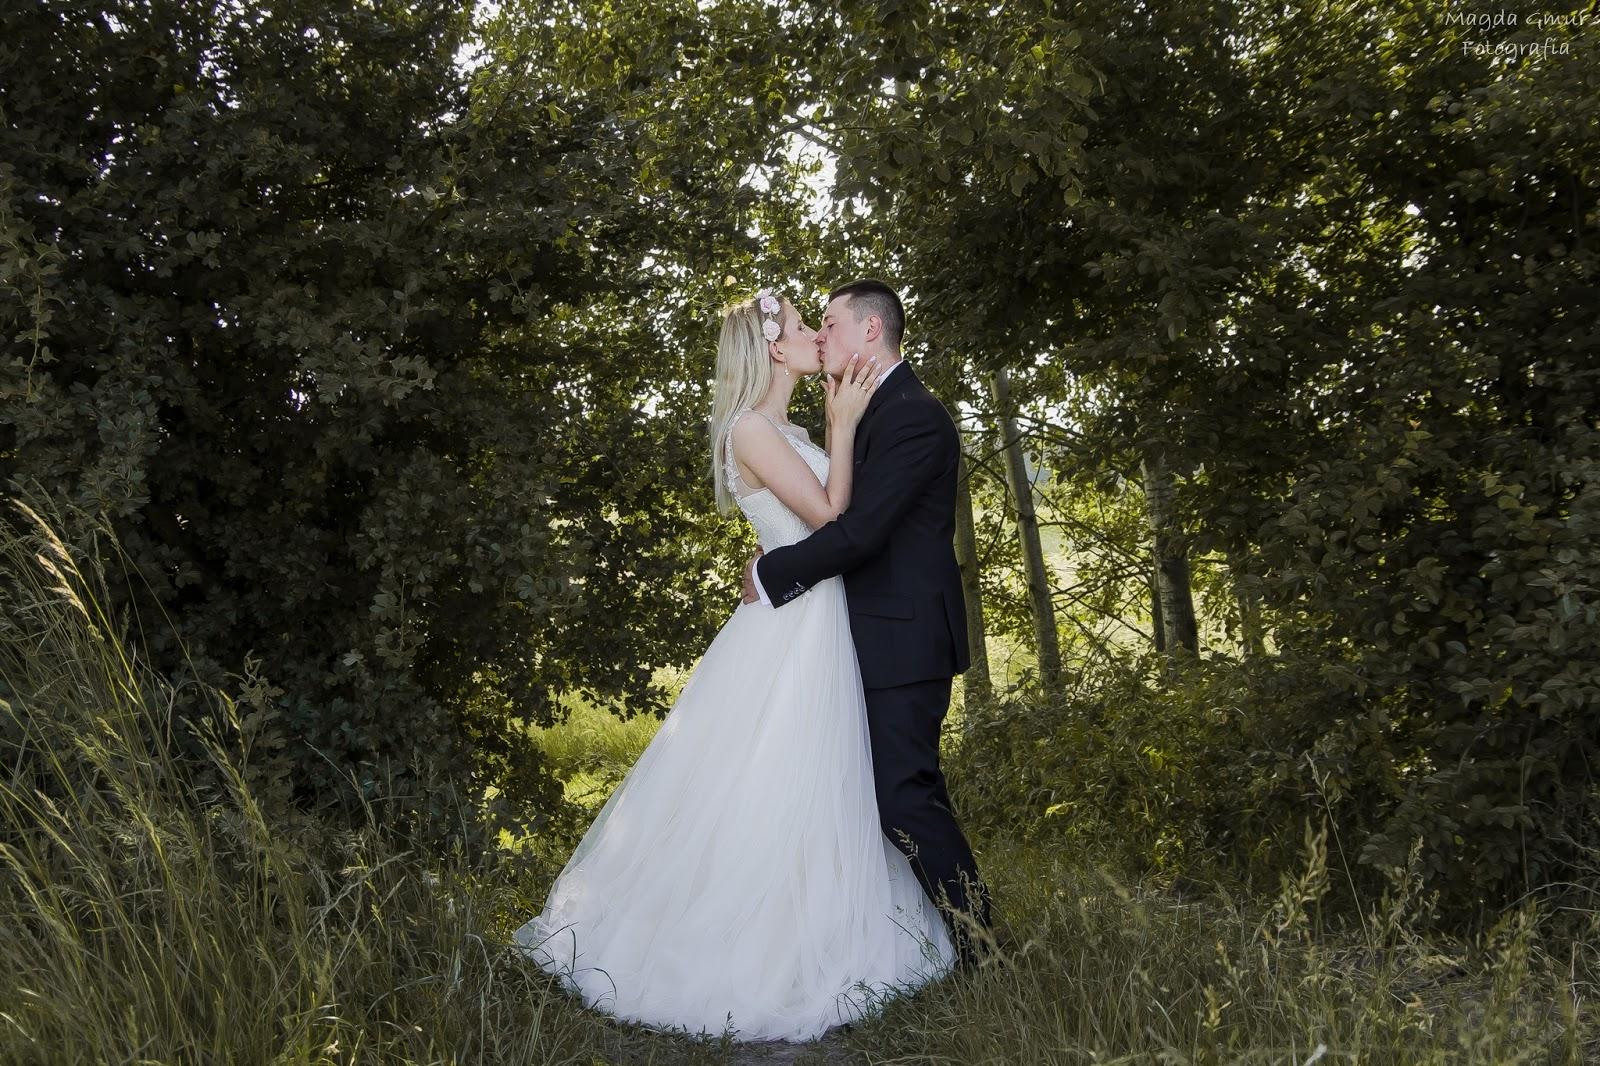 fotograf ślubny opoczno, drzewica ślub, reportaż ślubny, fotograf drzewica, magda gmur foto